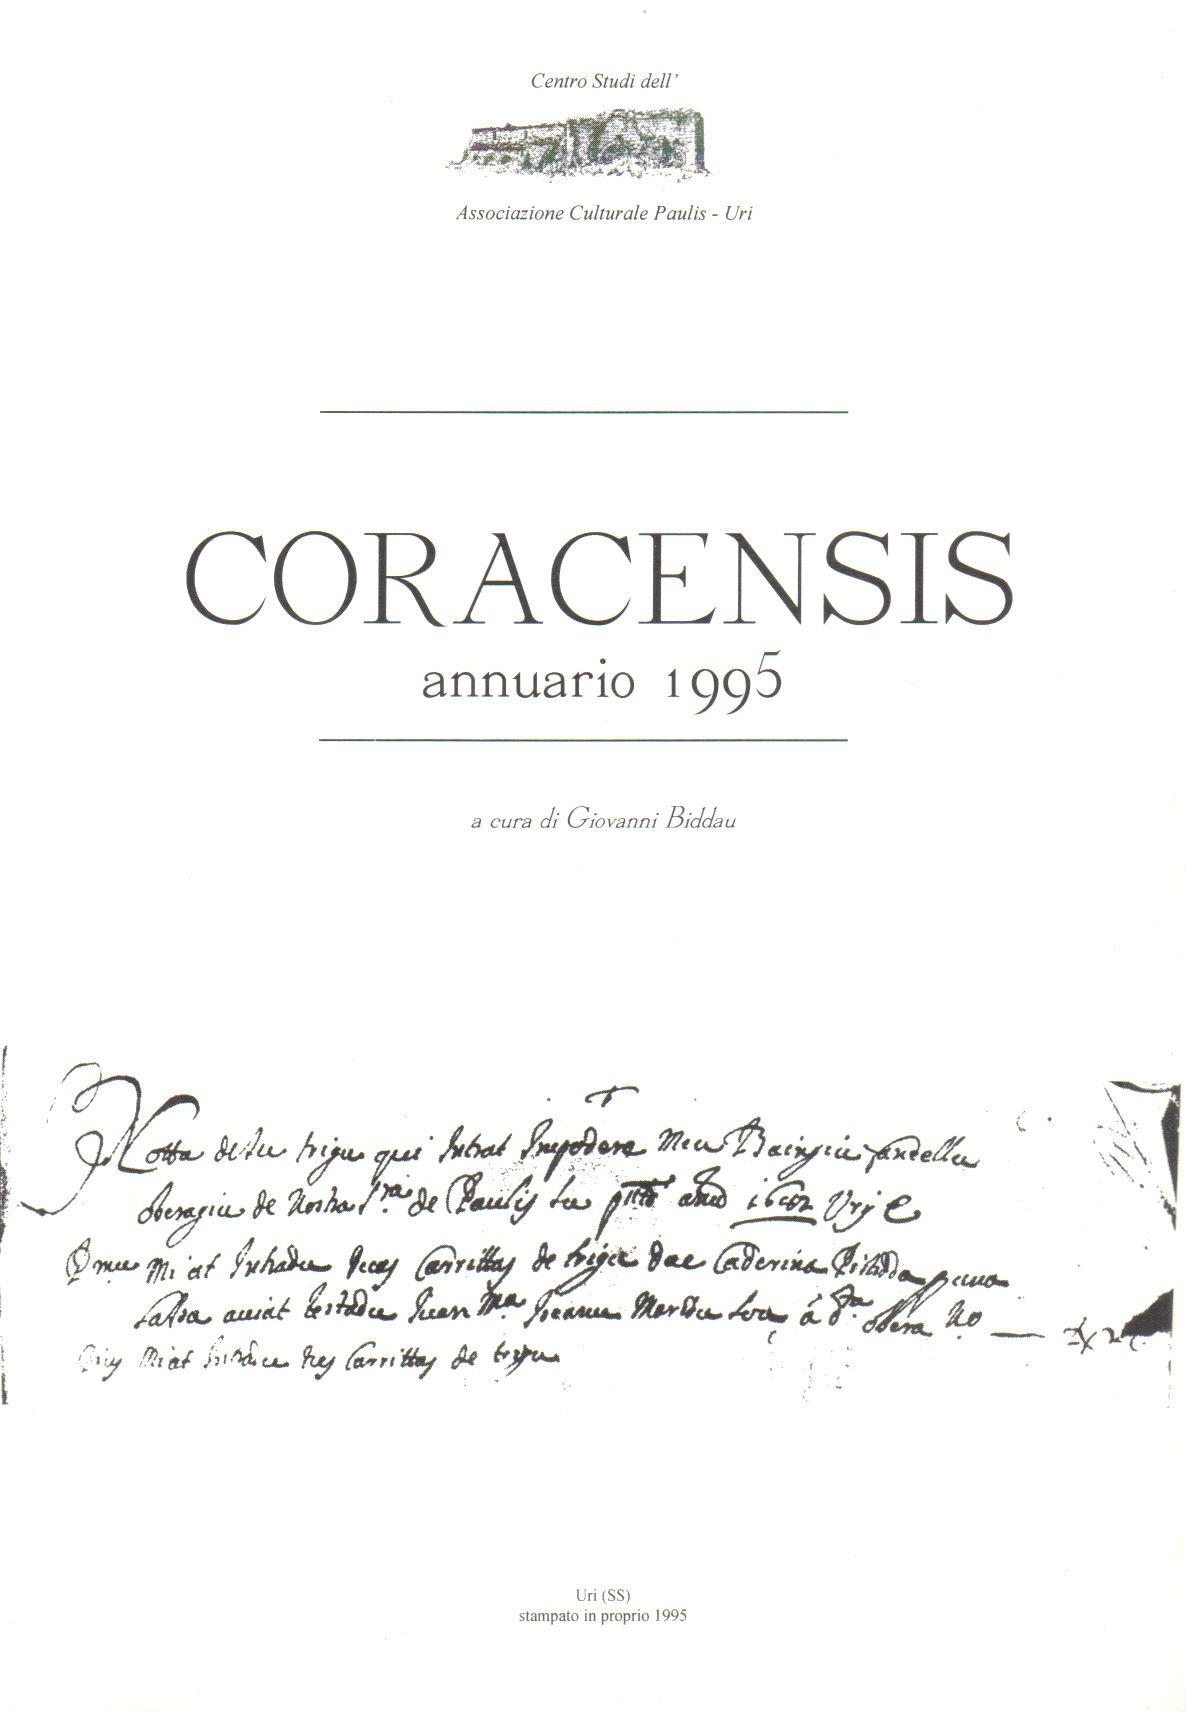 Coracensis